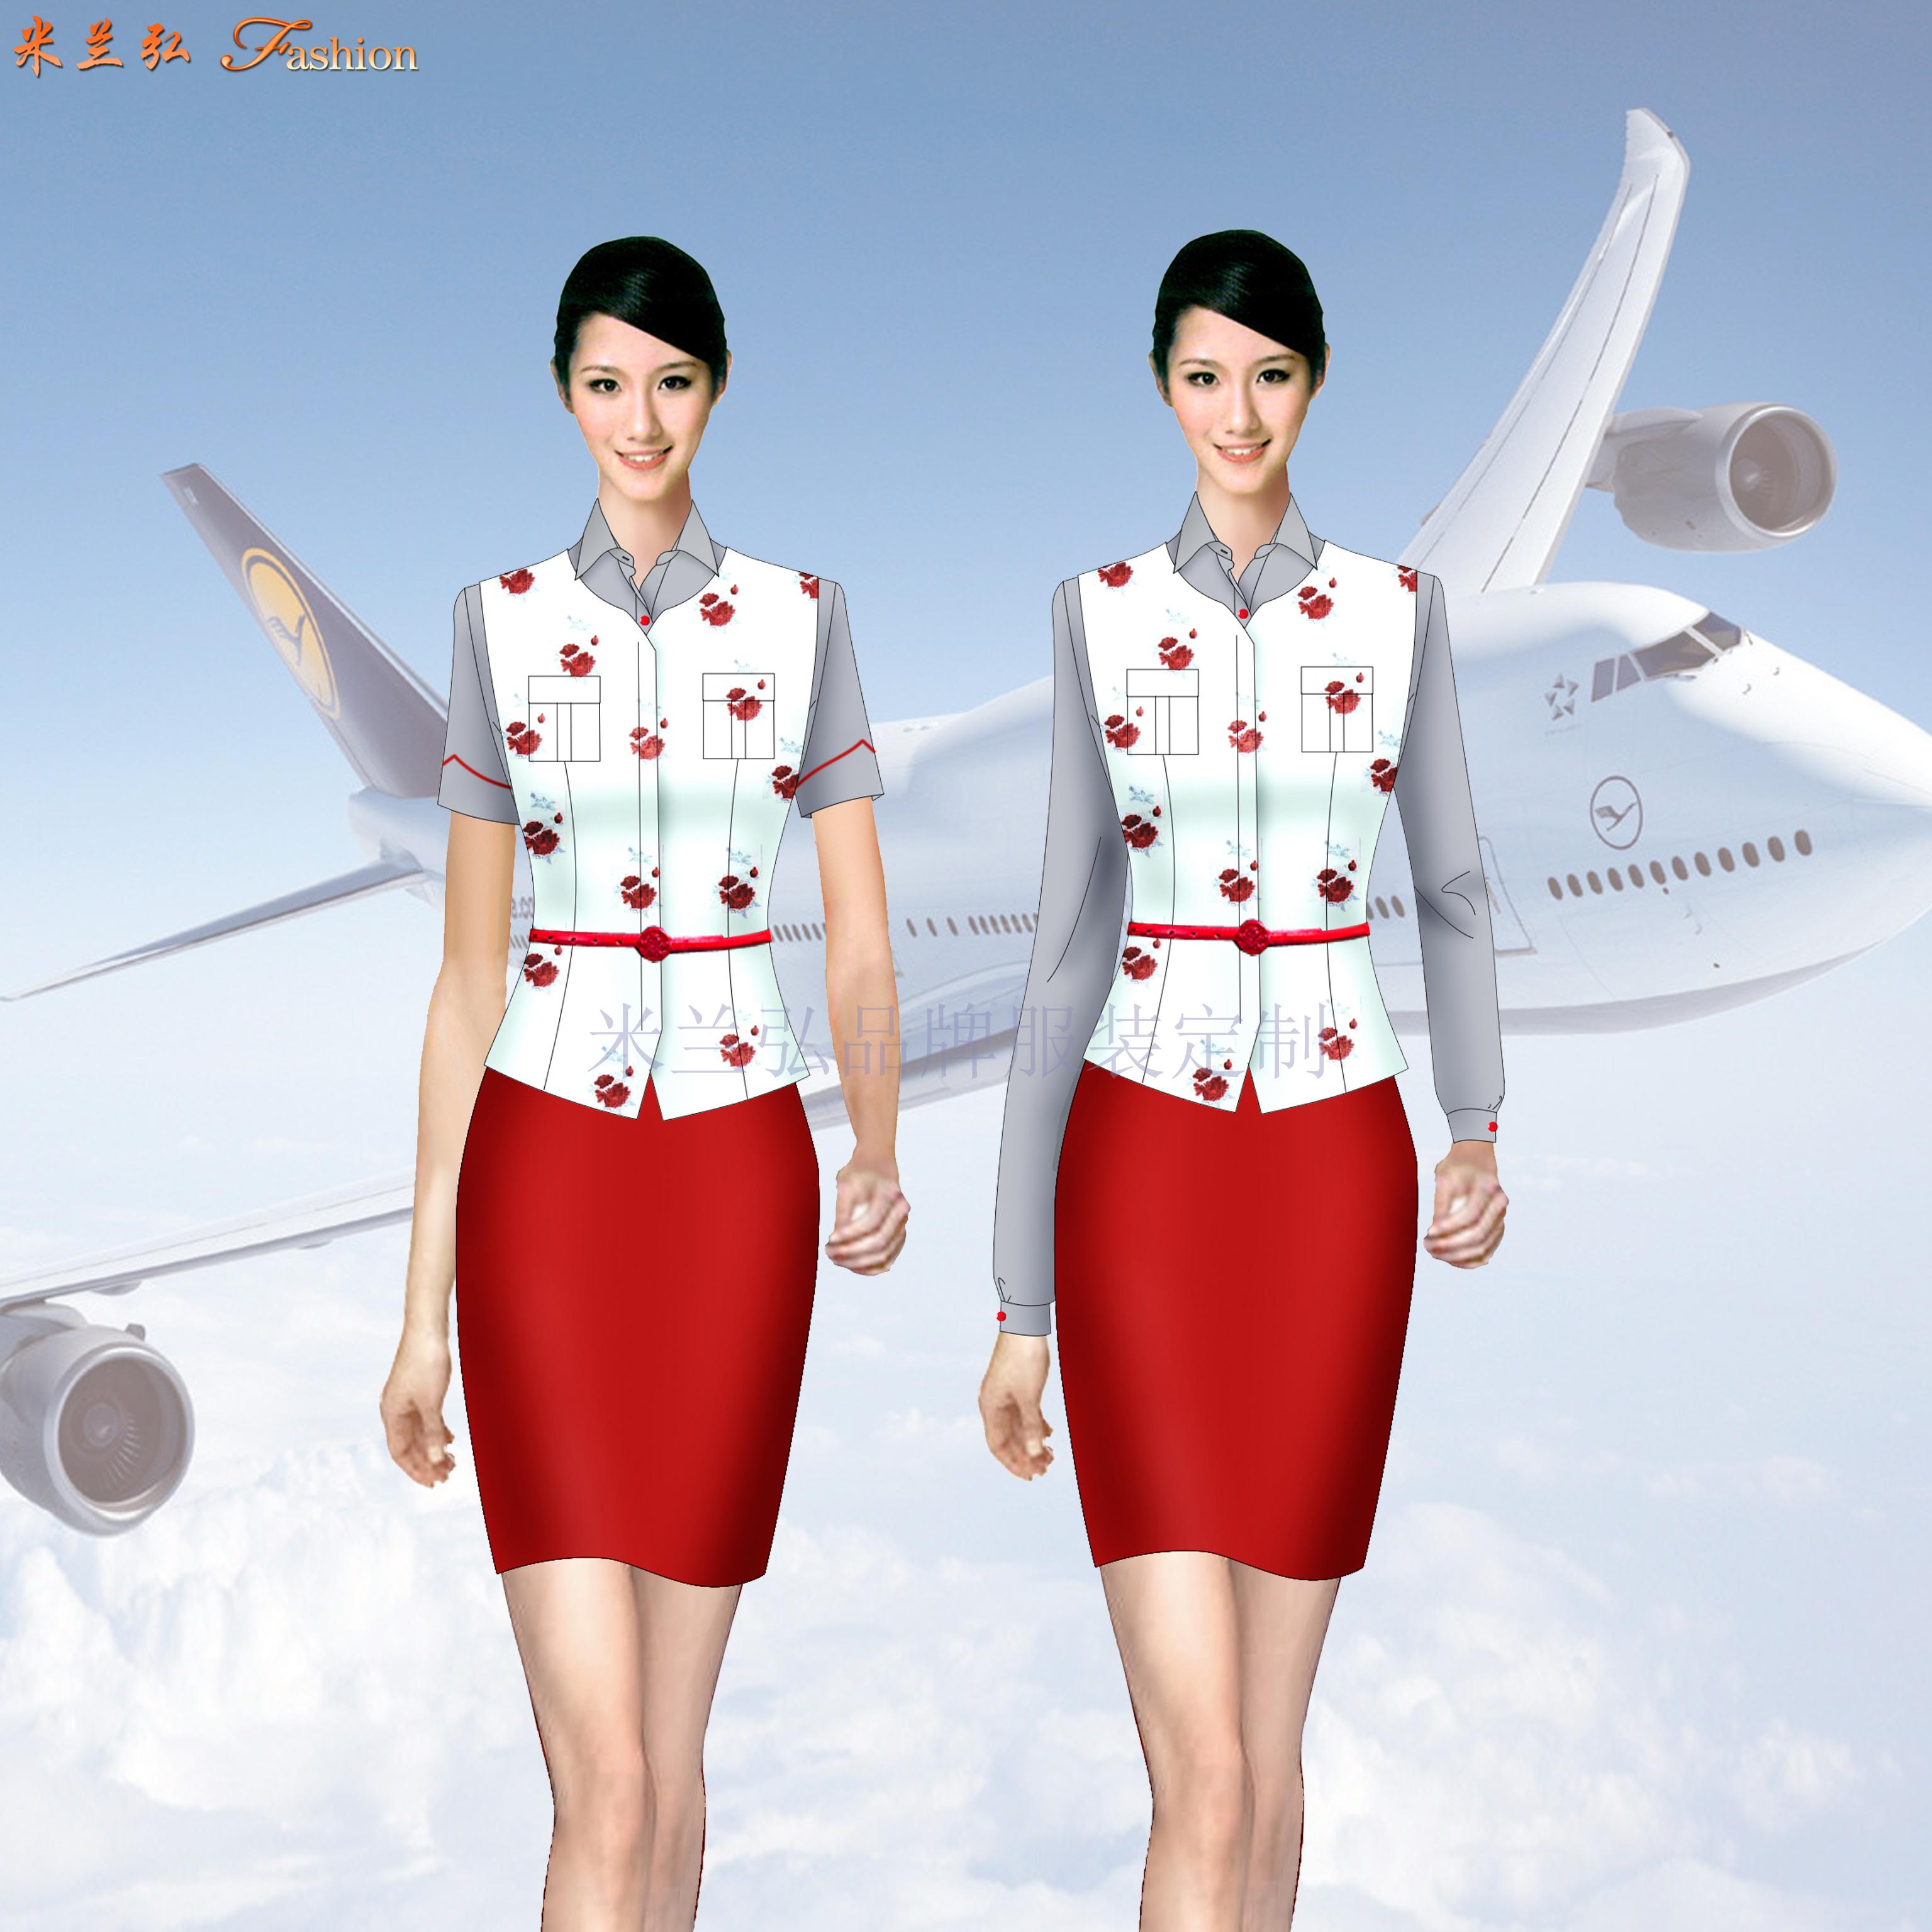 四川空姐服定制-四川空姐服定做價格-米蘭弘服裝-4